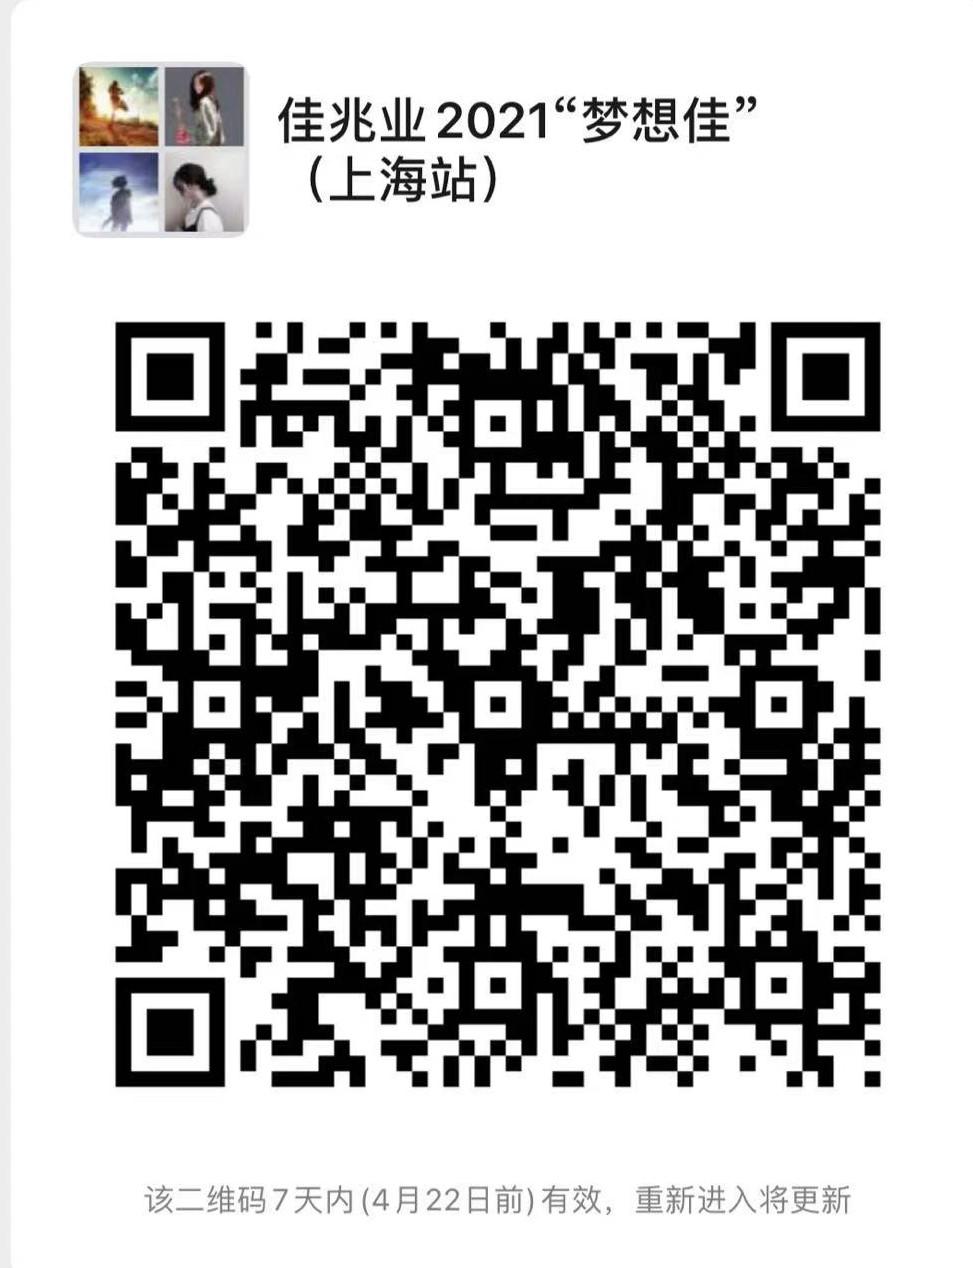 1618532643061052210.jpg